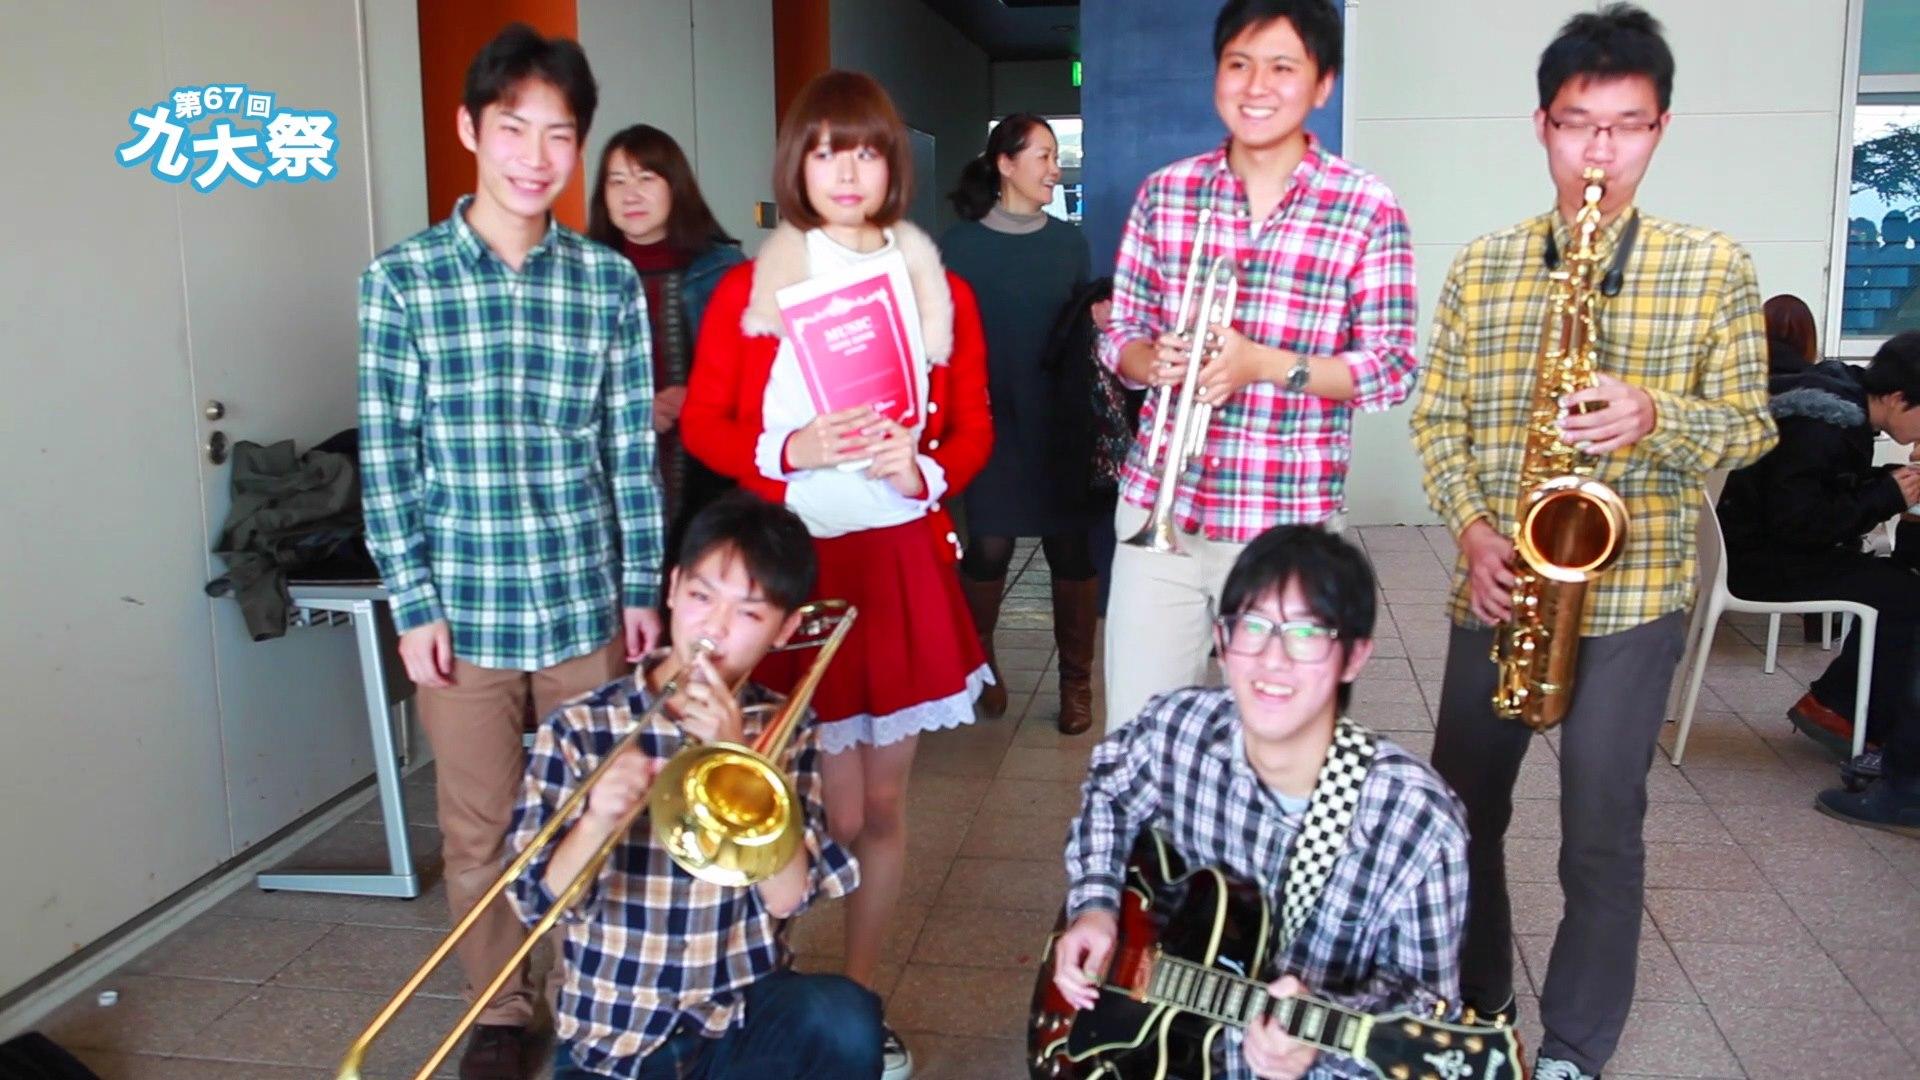 第67回 九州大学学祭.mov_000161515